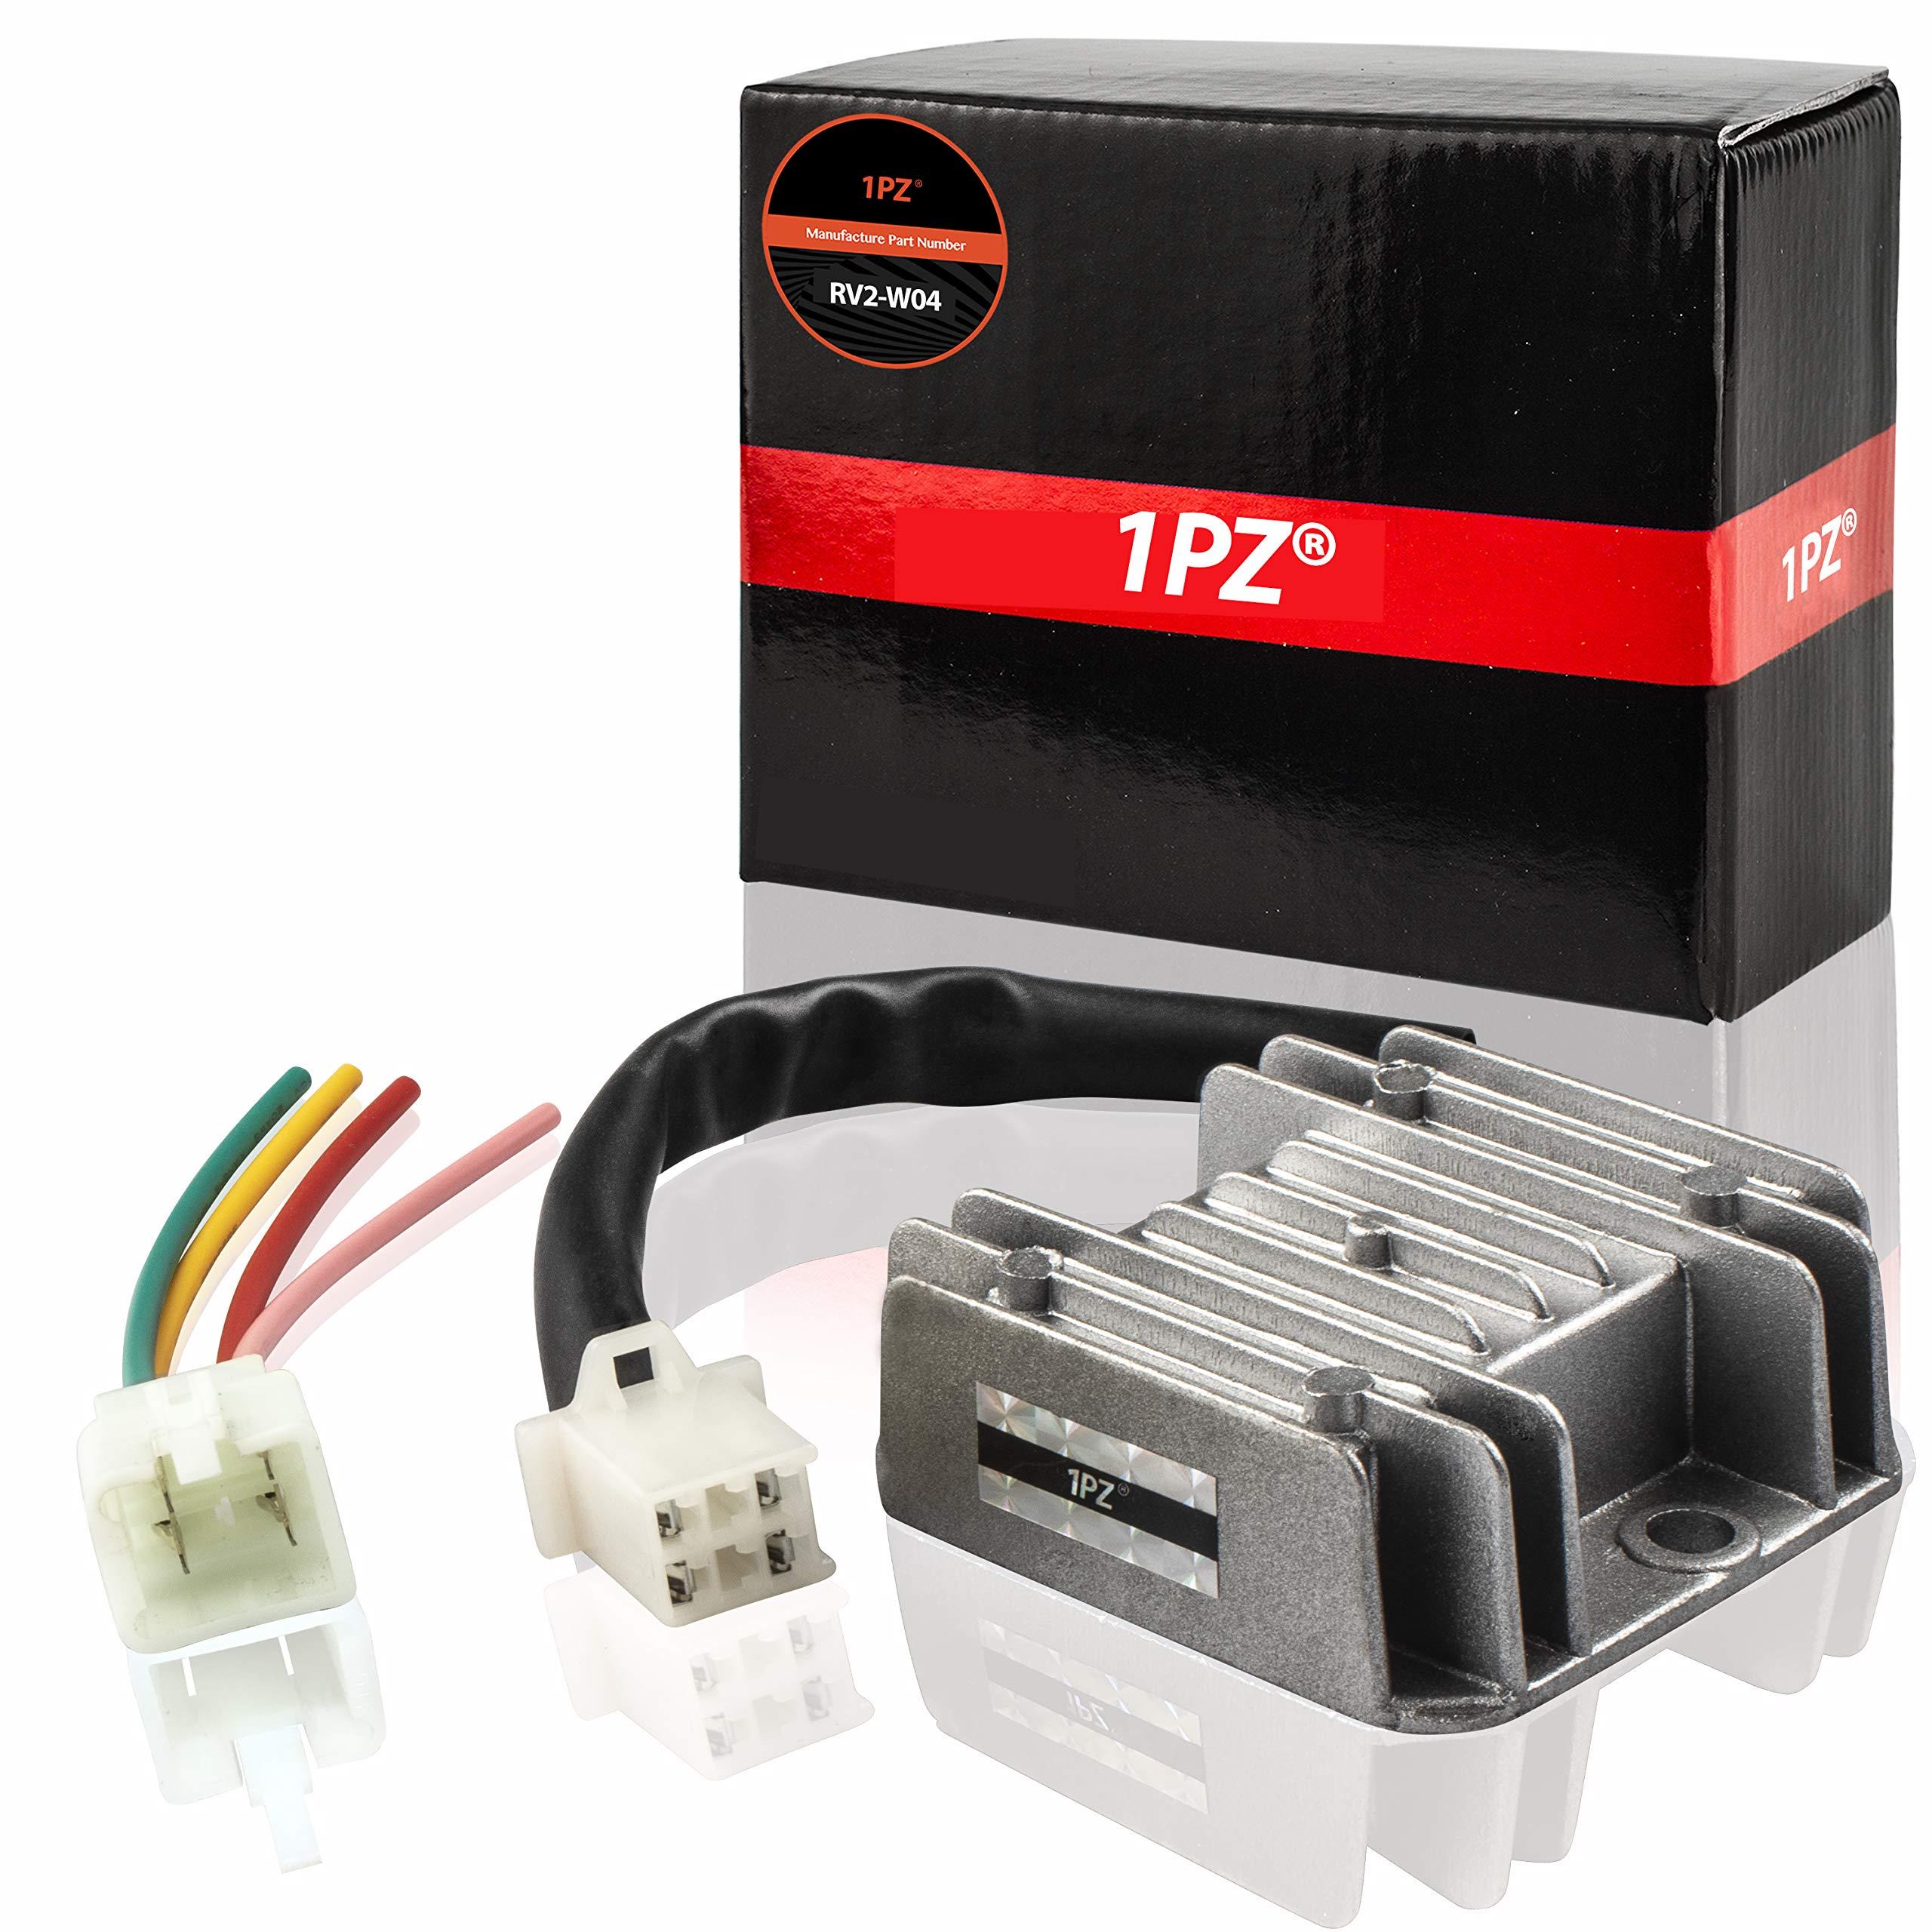 Galleon - 1PZ RV2-W04 4 Wires Voltage Regulator Rectifier For